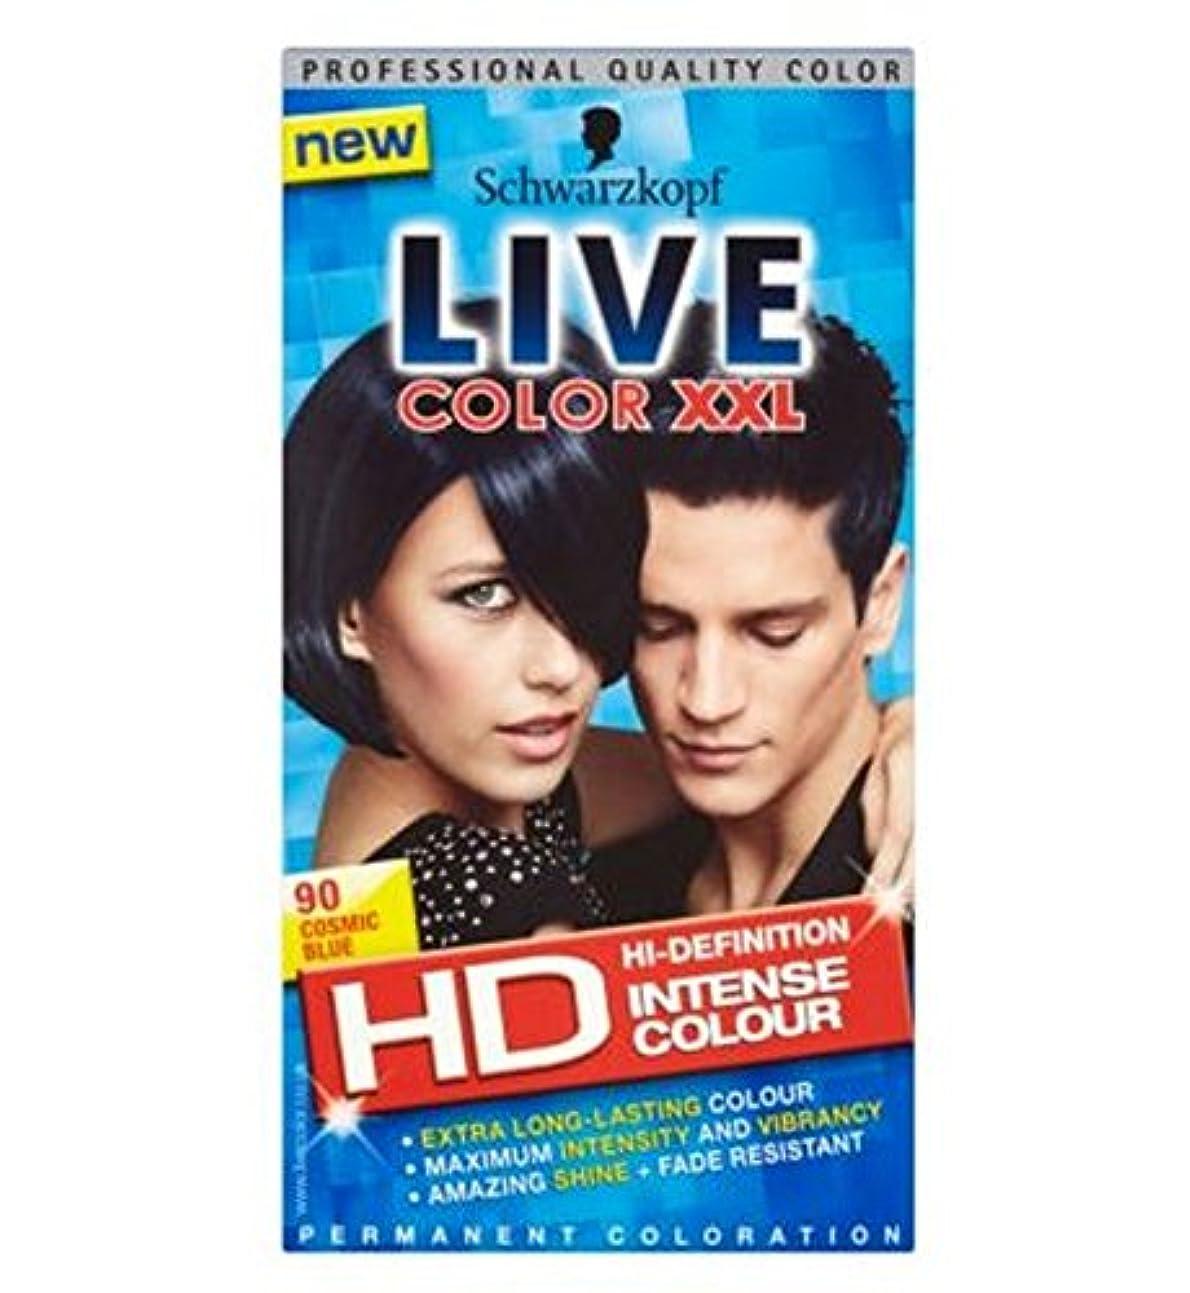 断言する鋼ラフSchwarzkopf LIVE Color XXL HD 90 Cosmic Blue Permanent Blue Hair Dye - シュワルツコフライブカラーXxl Hd 90宇宙の青い永久青い髪の染料 (Schwarzkopf) [並行輸入品]